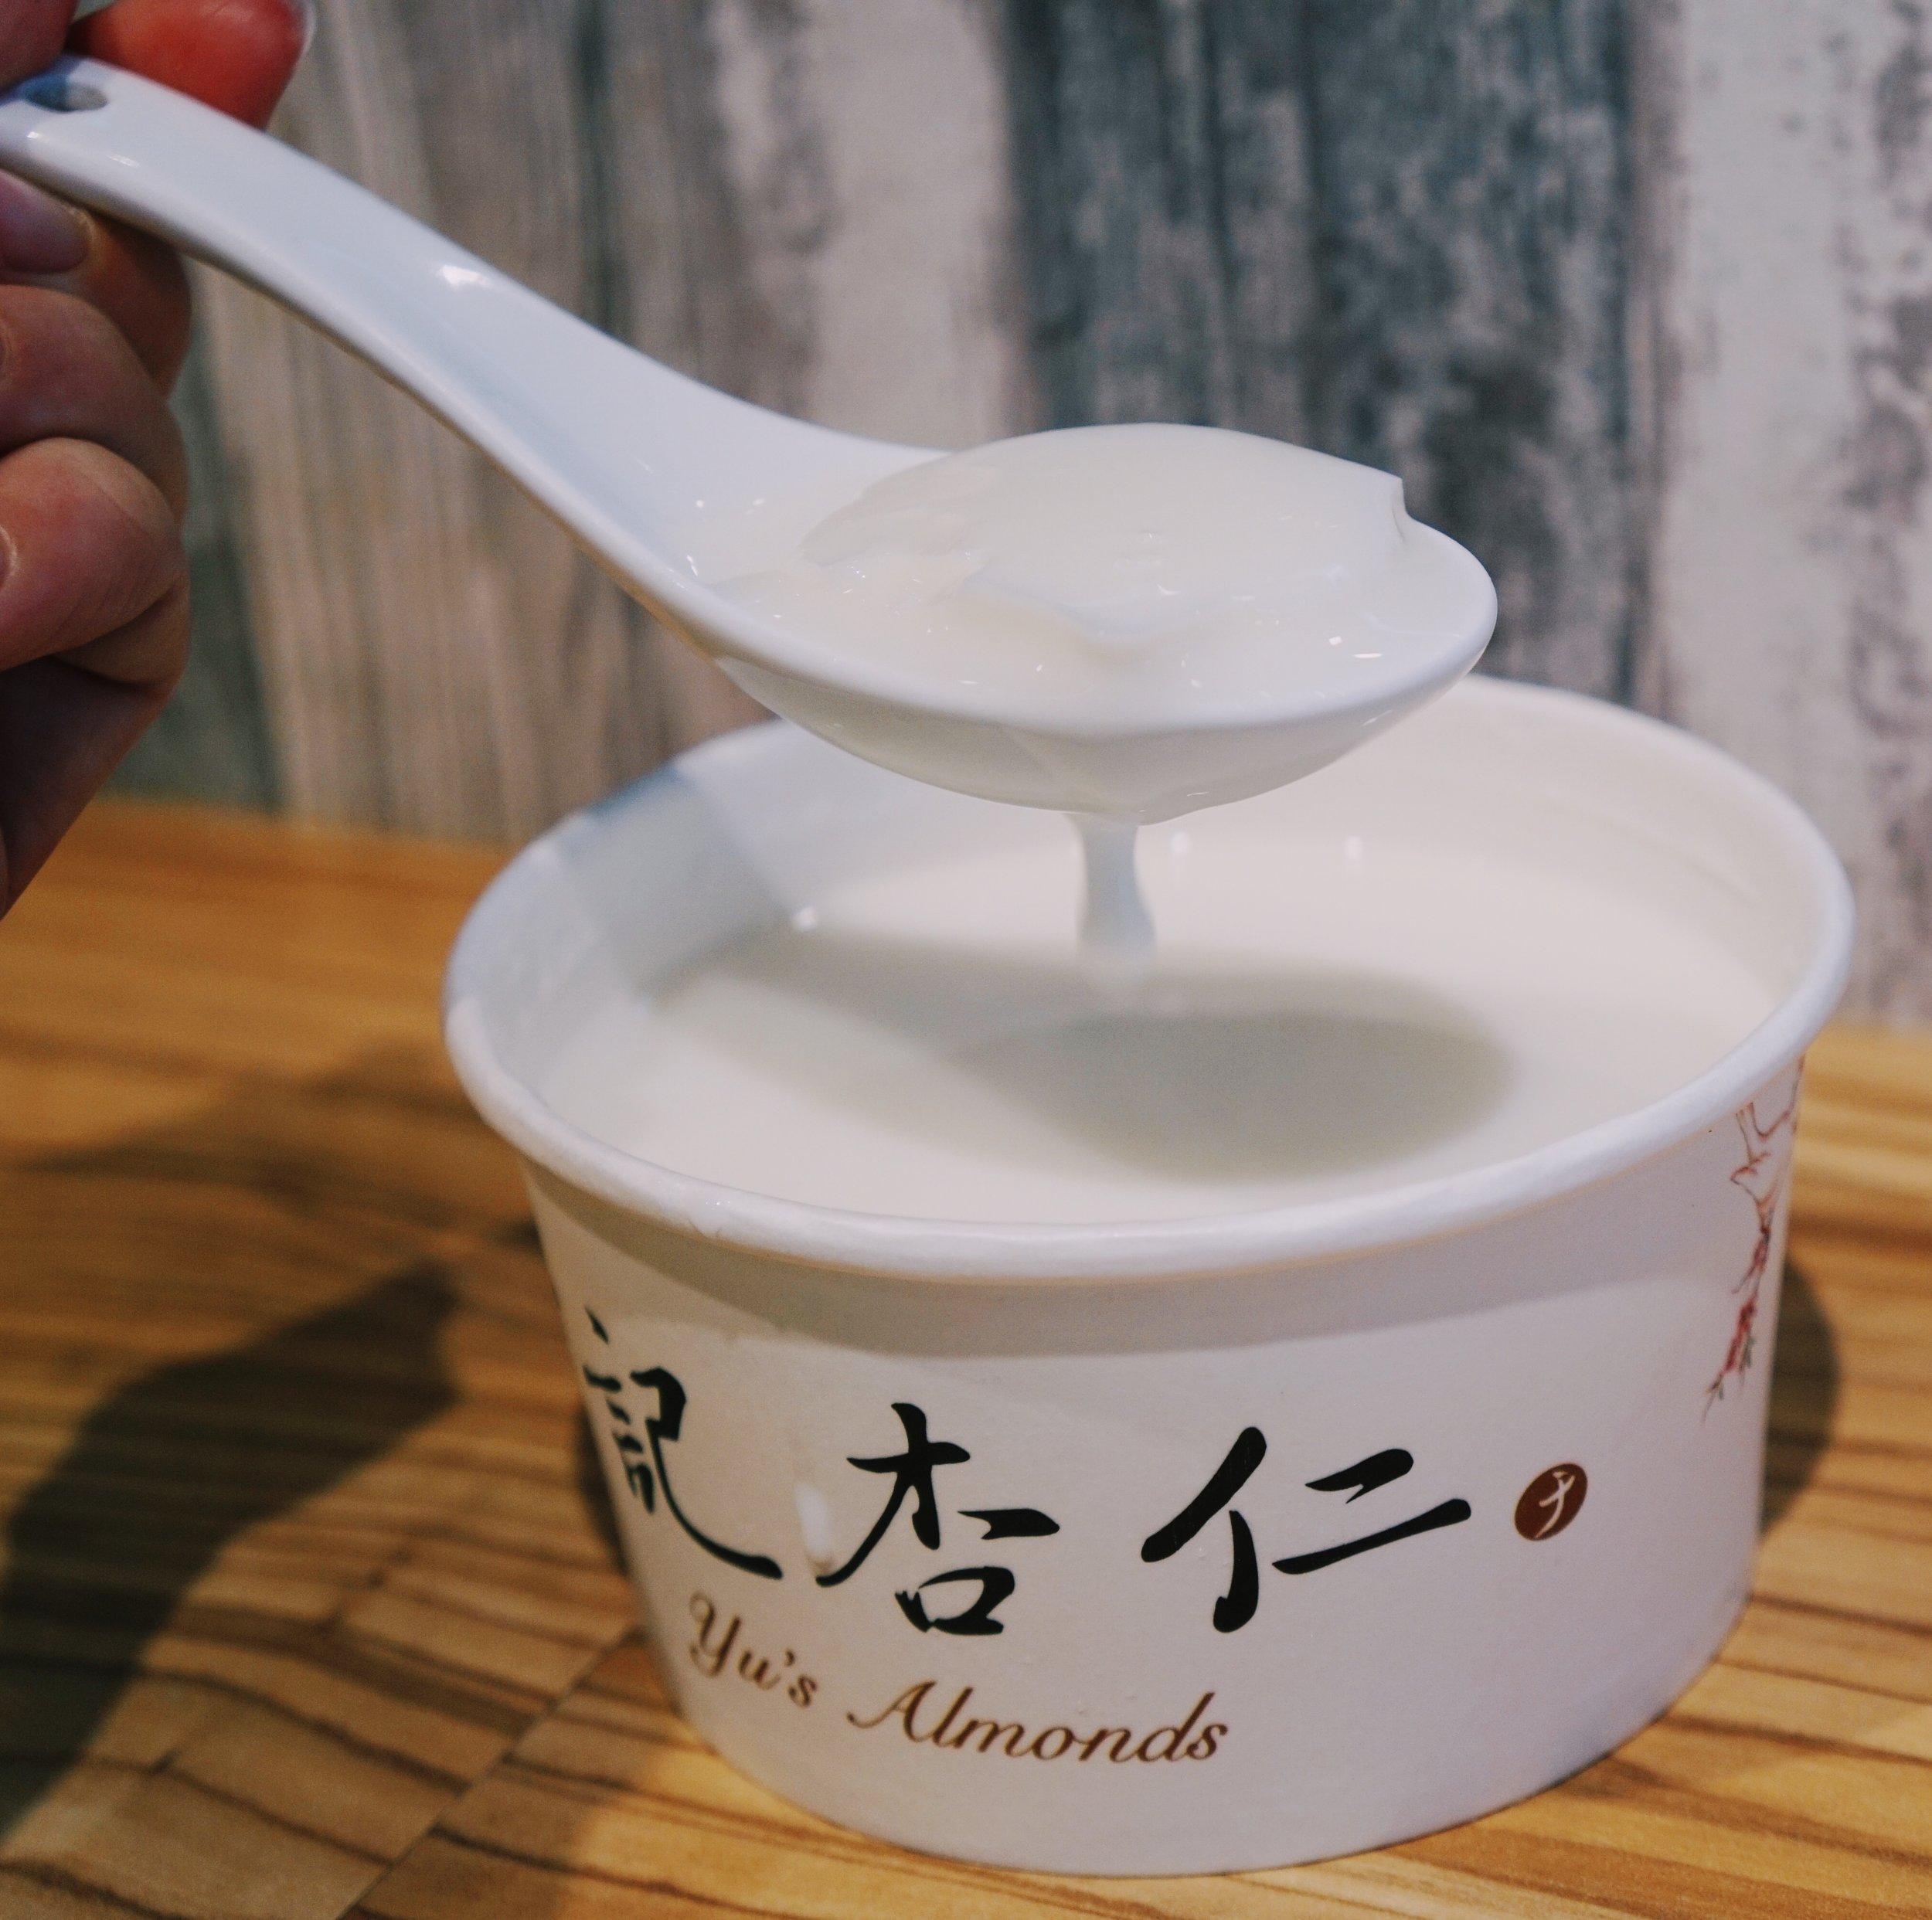 almond-pudding-taipei.jpg